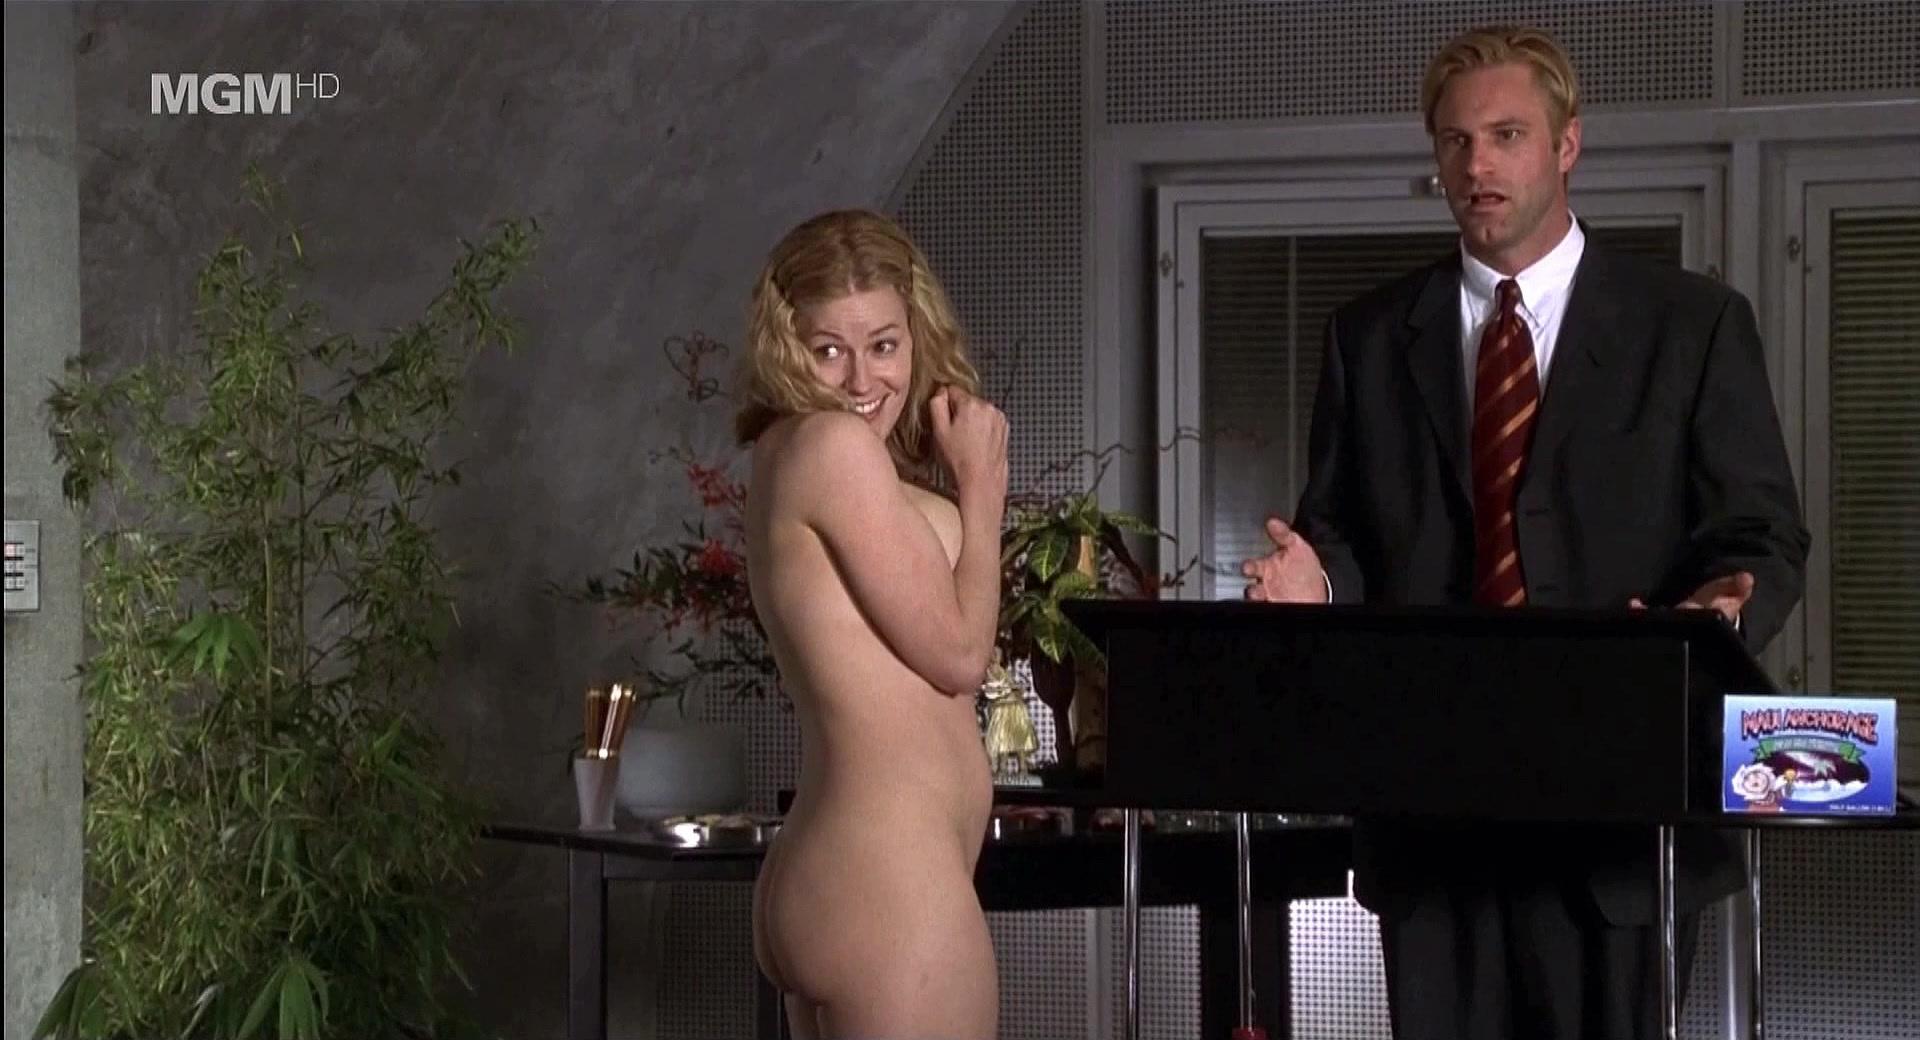 Elisabeth shue nude porn